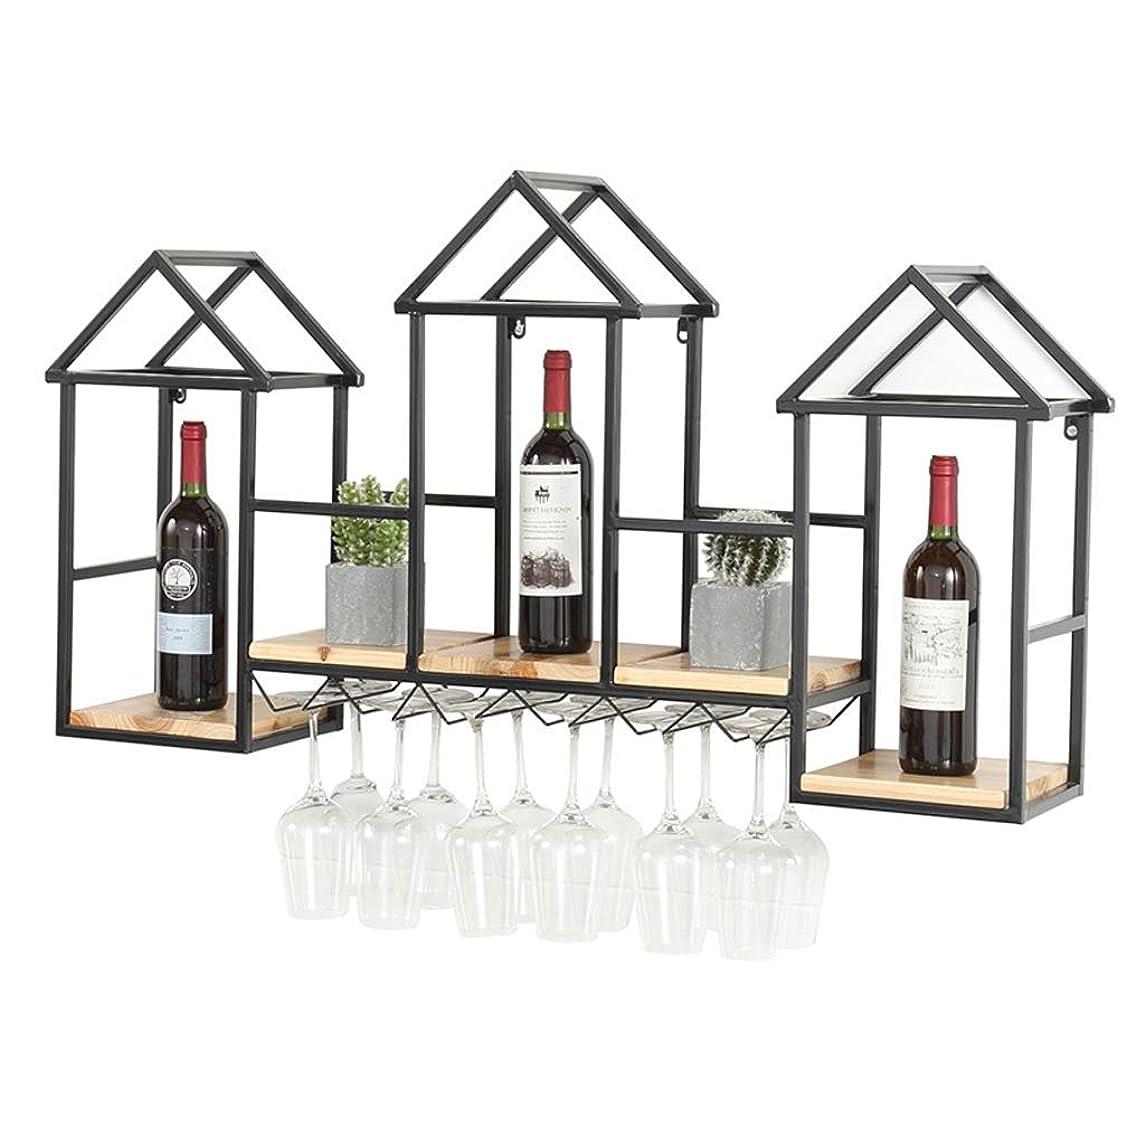 わかる利用可能発揮するワインラック、クリエイティブ無垢材ワインラック壁掛けダイニングルームの装飾壁ワインキャビネットラックワイングラスラックワインラック